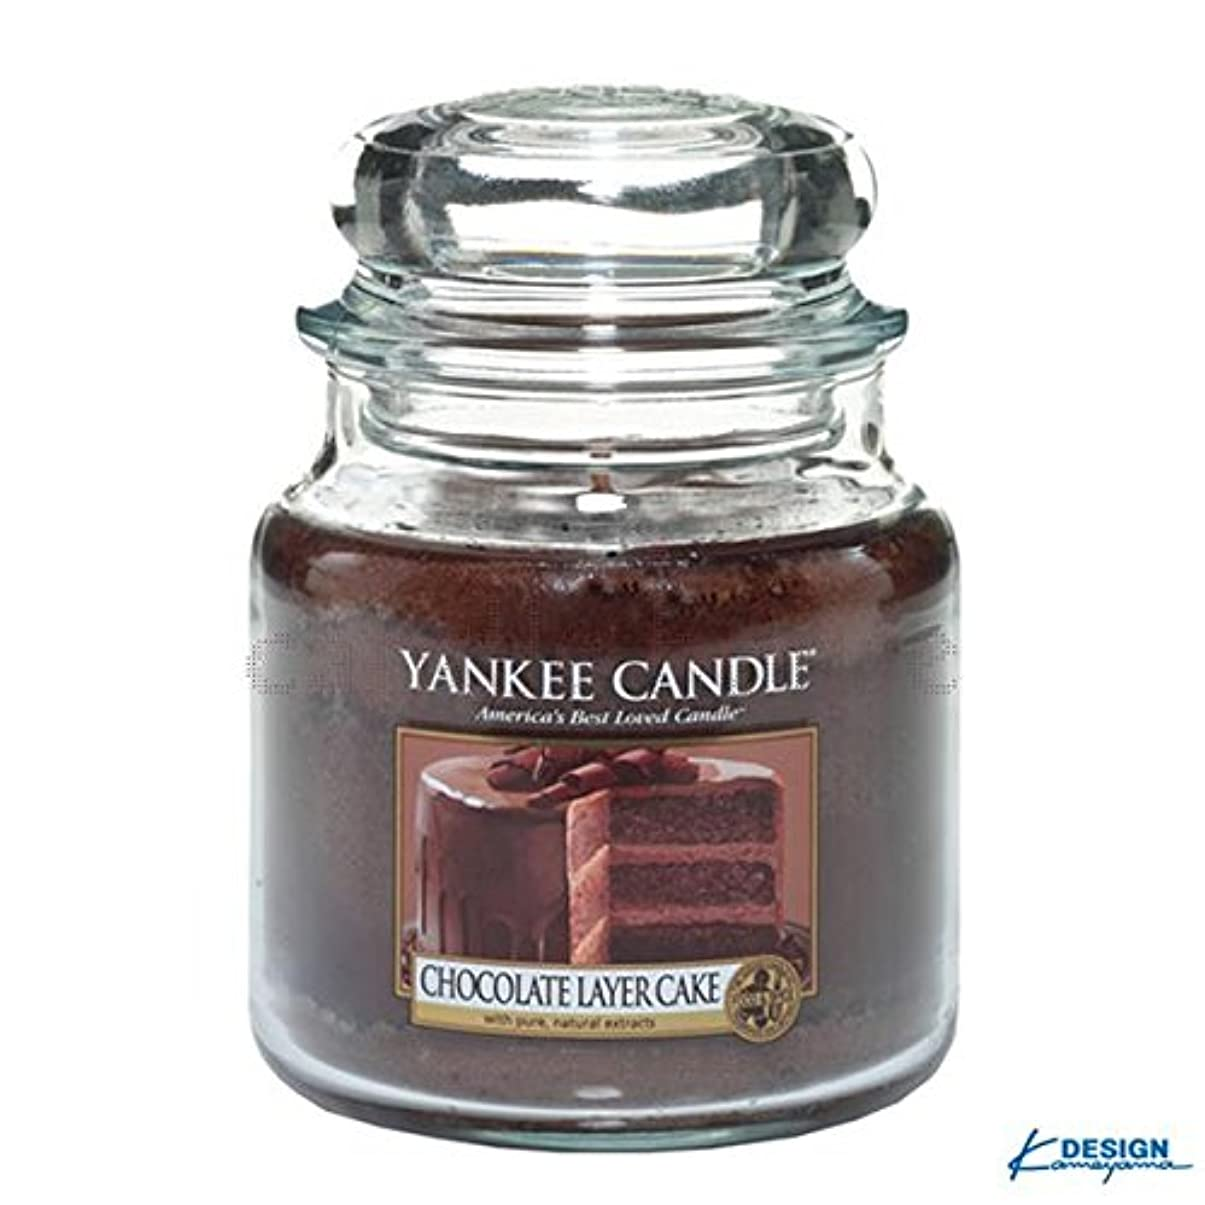 。それ効率的YANKEE CANDLEジャーM 「 チョコレートレイヤーケーキ 」